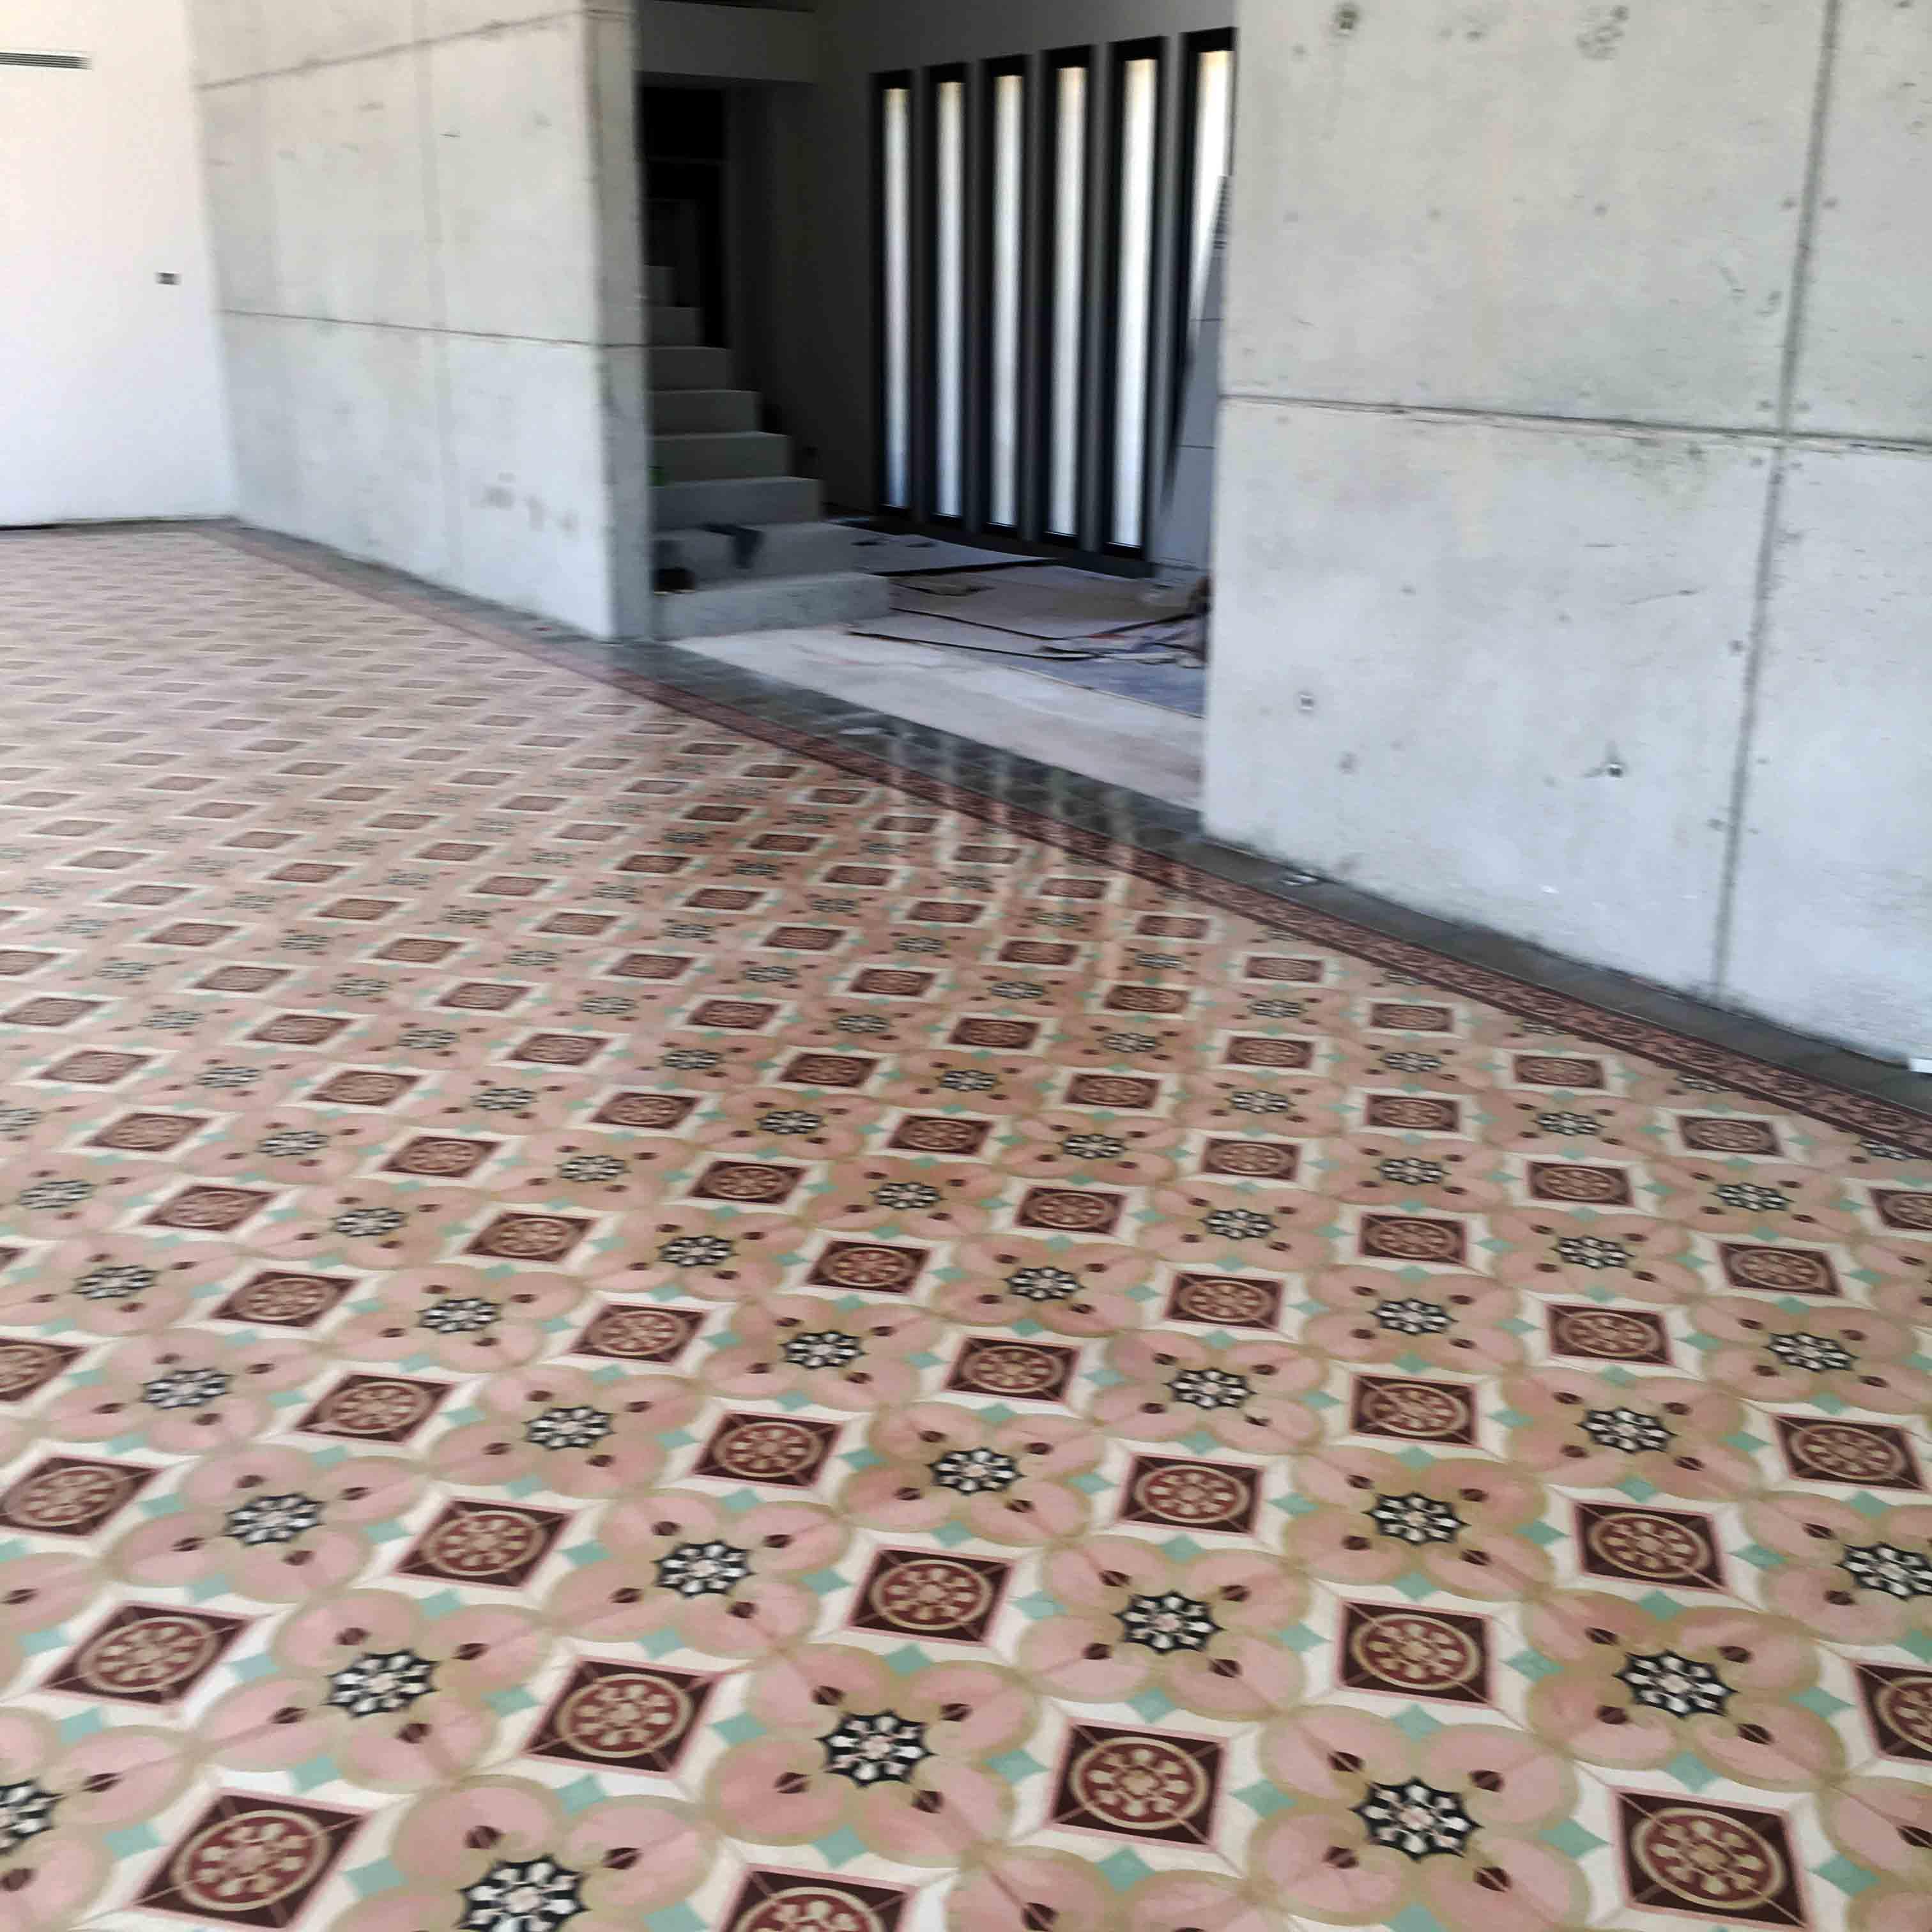 MosaicosBarcelona-Recuperacción-abrillantado-y-acristalado-de-suelos-de-mosaico-hidraulico-en-vivienda-en-Mallorca-Baleares-17